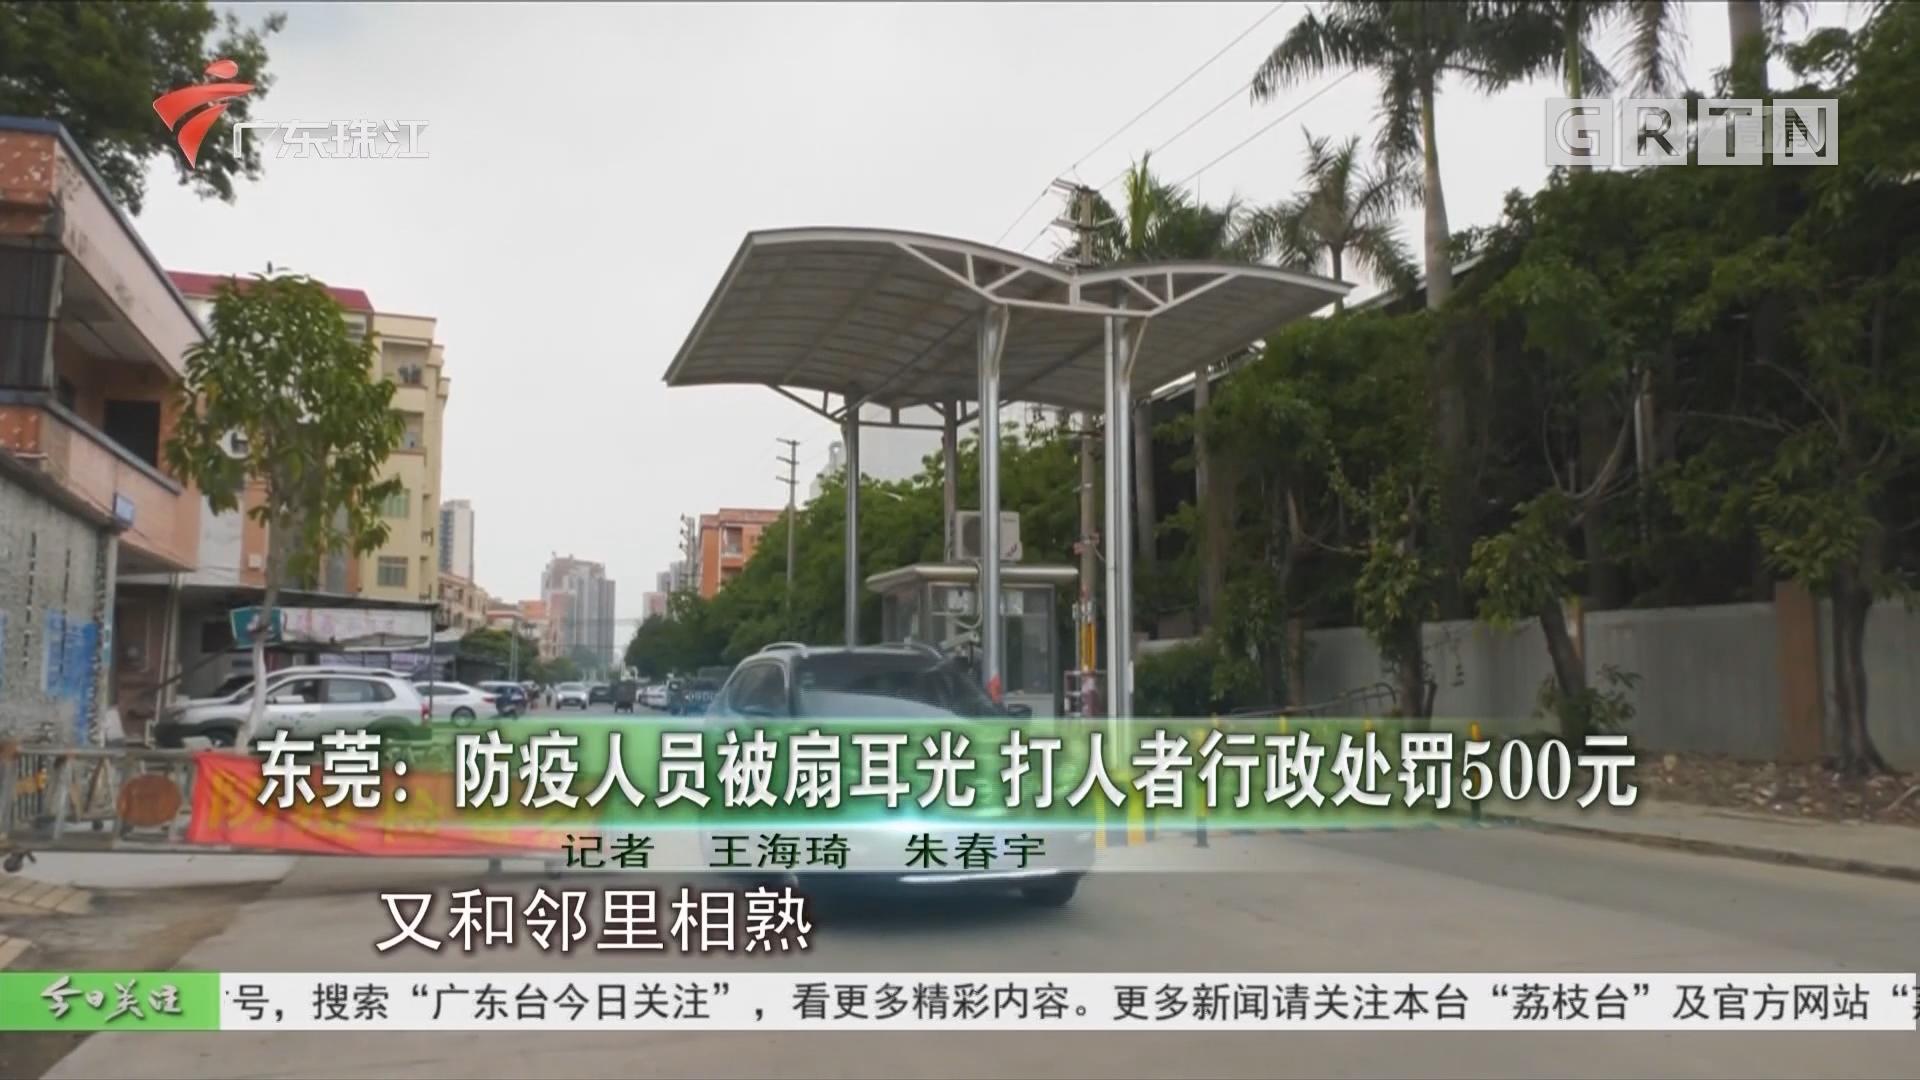 东莞:防疫人员被扇耳光 打人者行政处罚500元